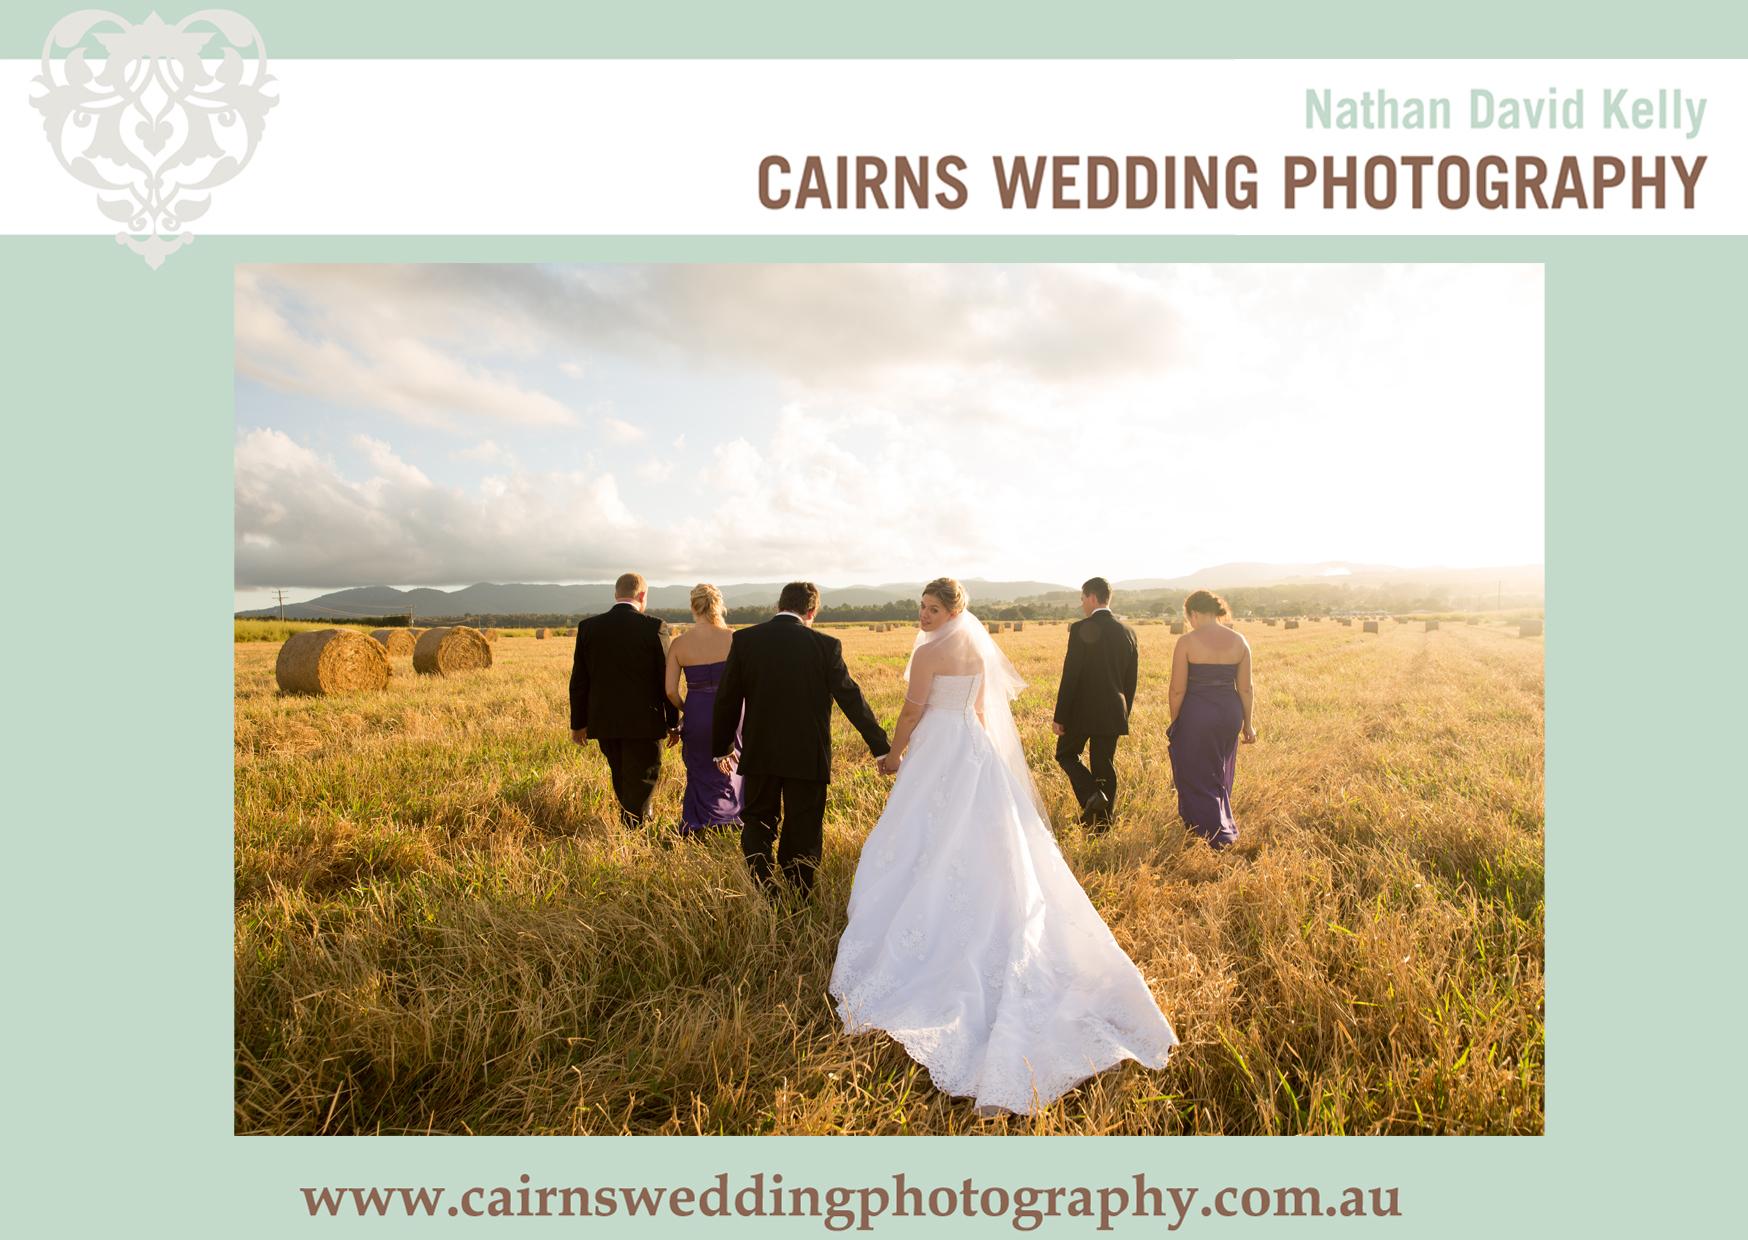 Cairns wedding photography by Nathan David kelly at the wonderful Lake Tinaroo Resort